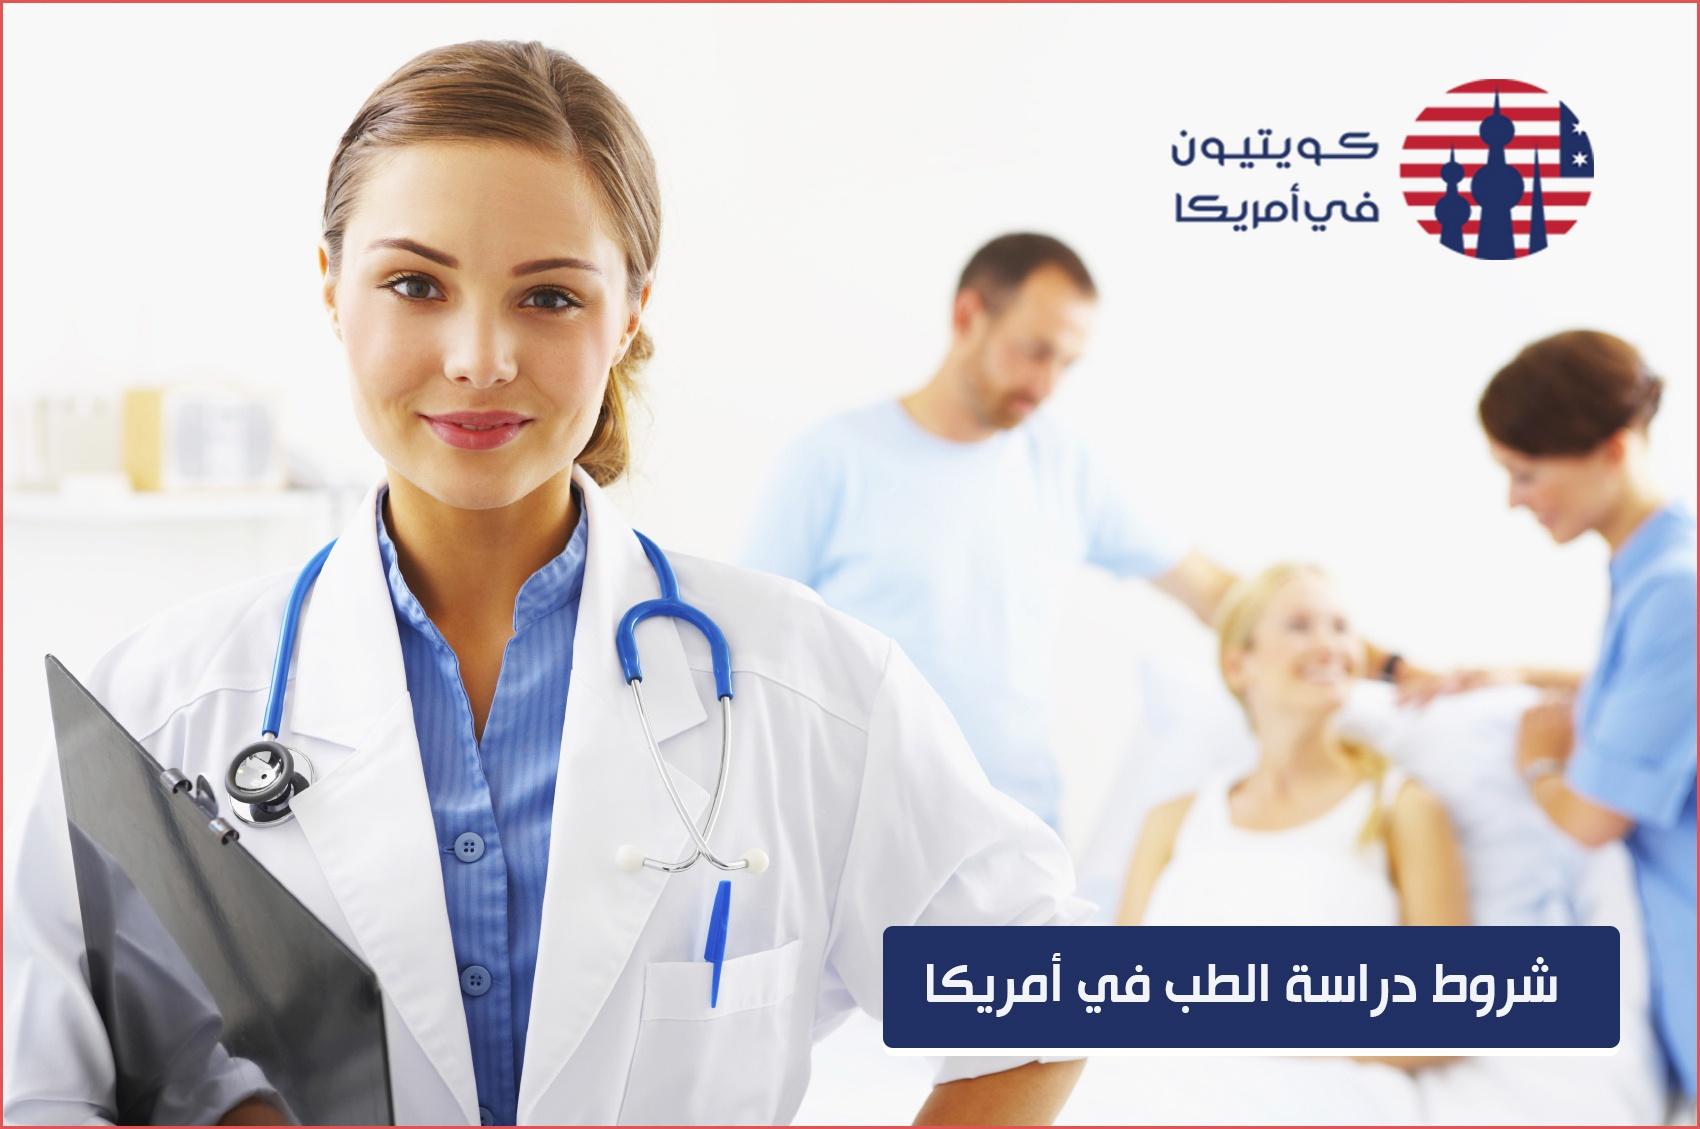 شروط دراسة الطب في أمريكا